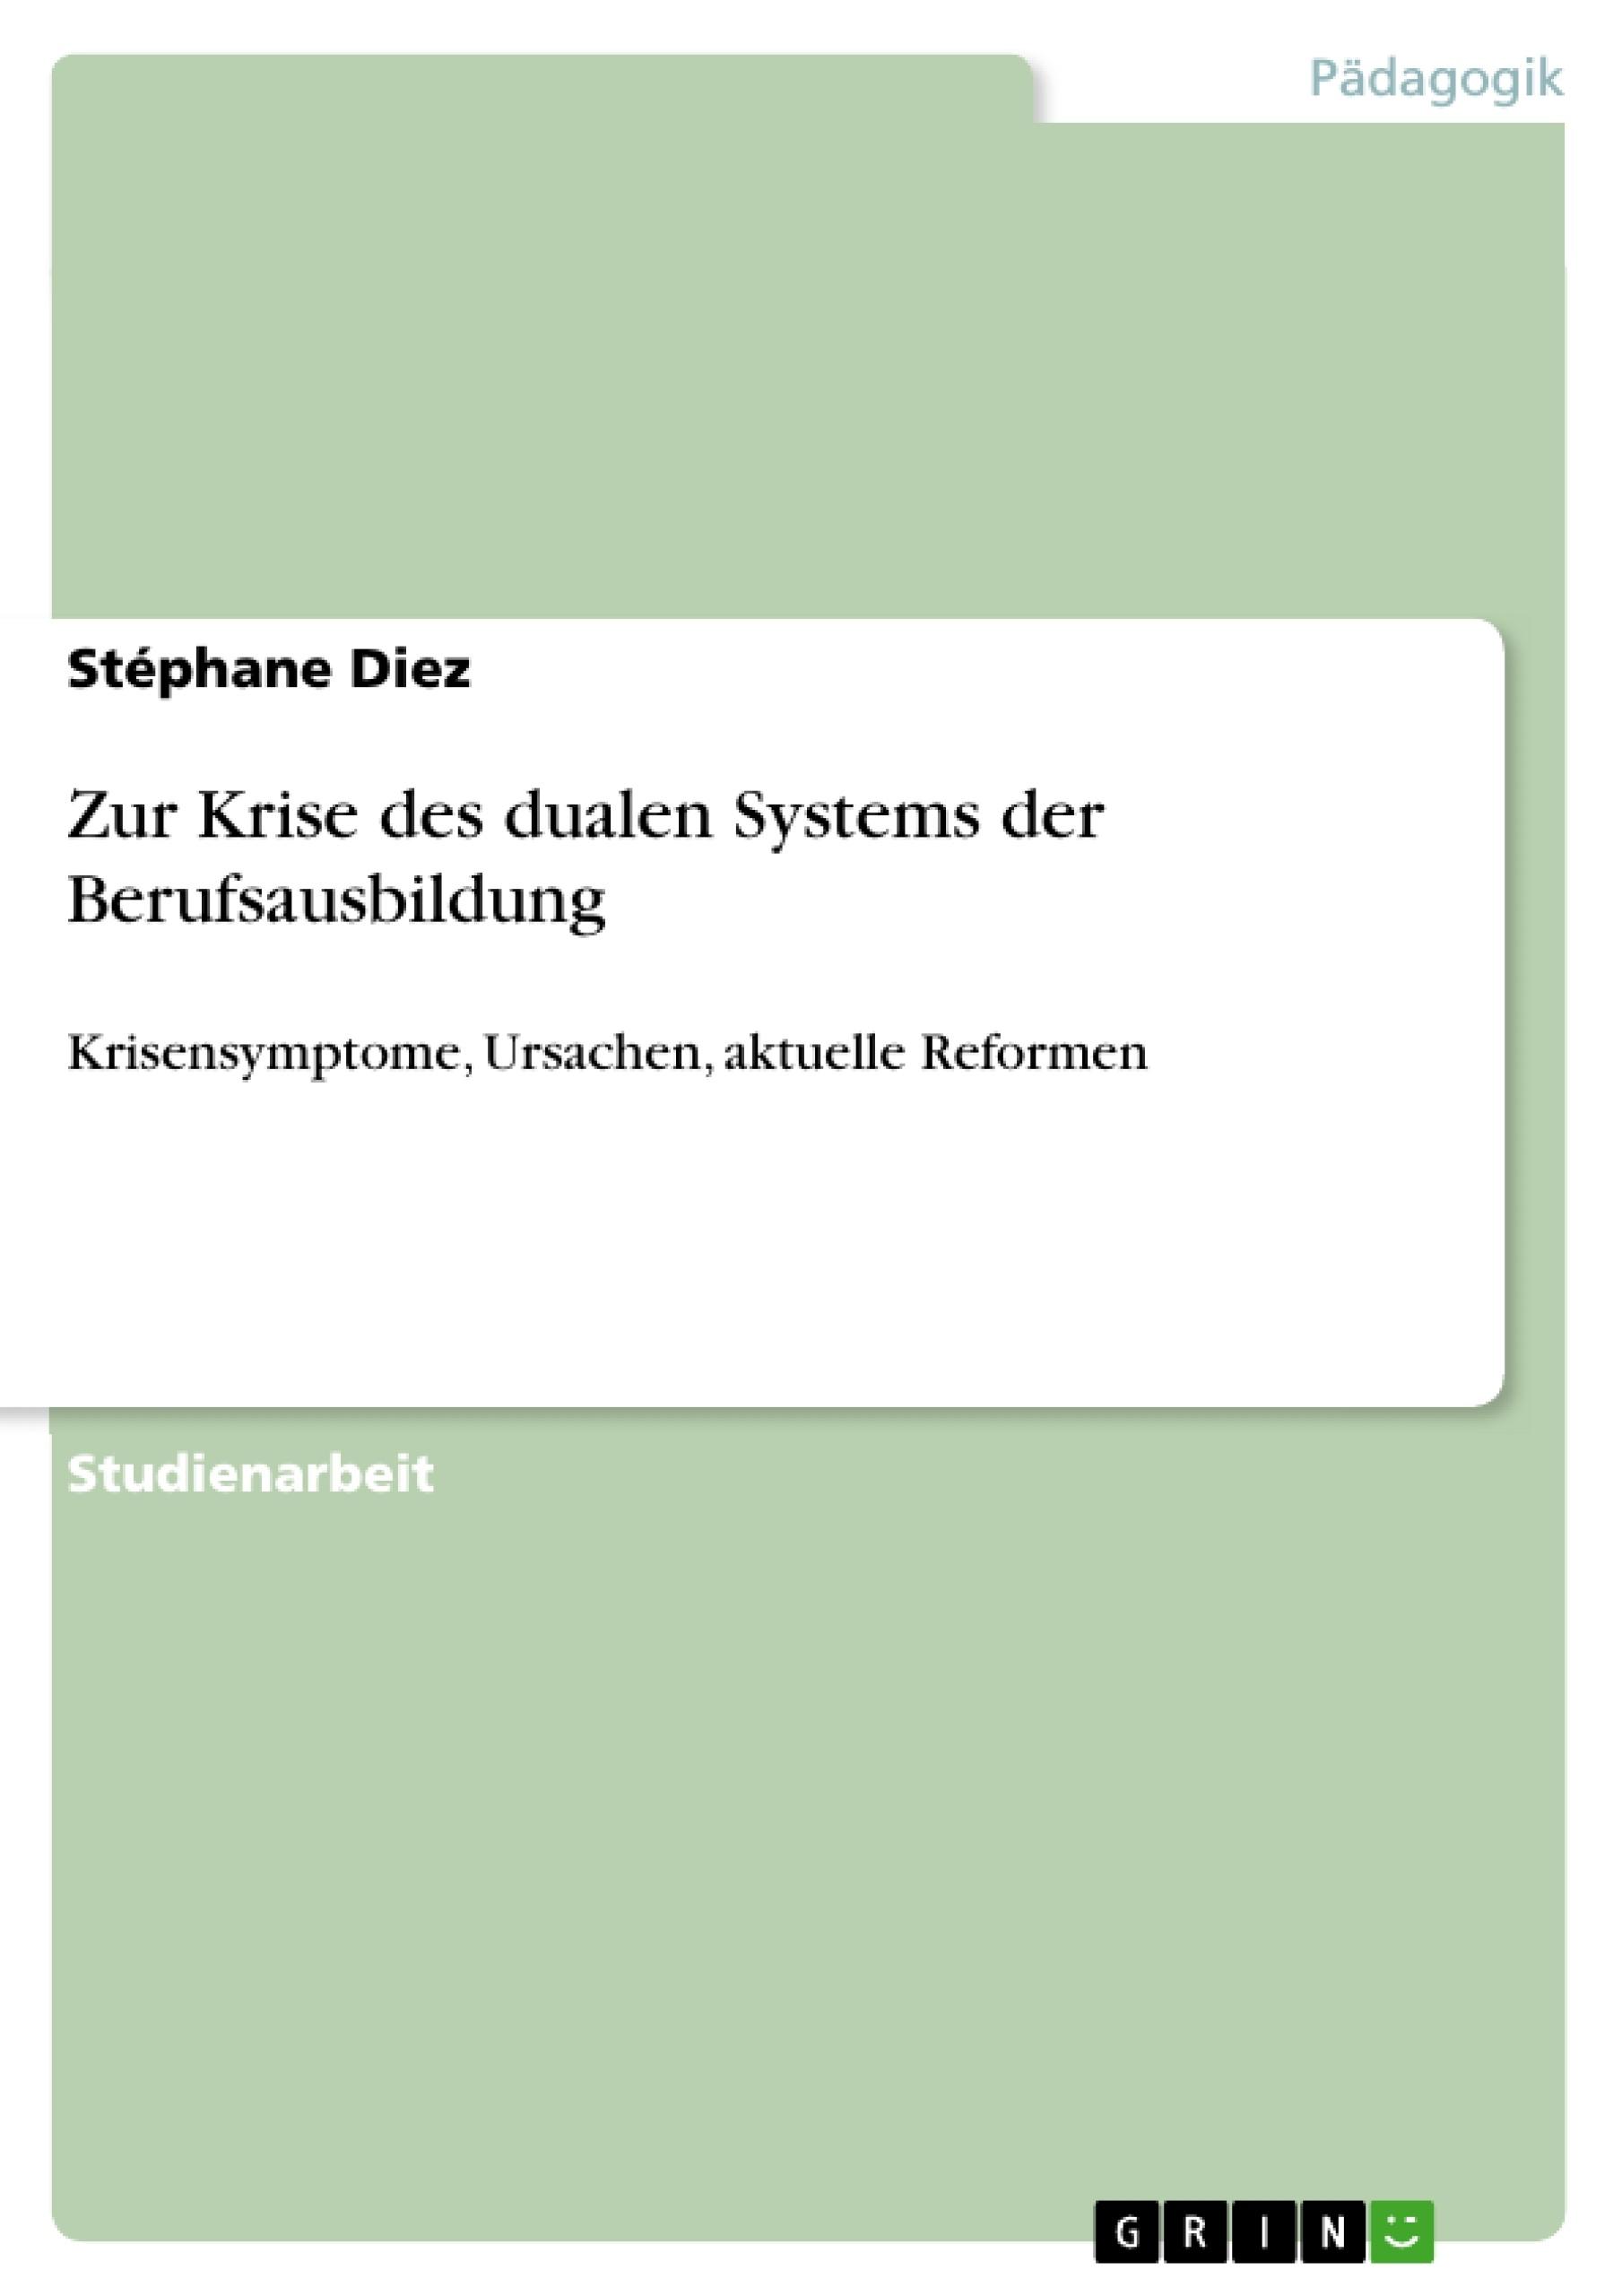 Titel: Zur Krise des dualen Systems der Berufsausbildung